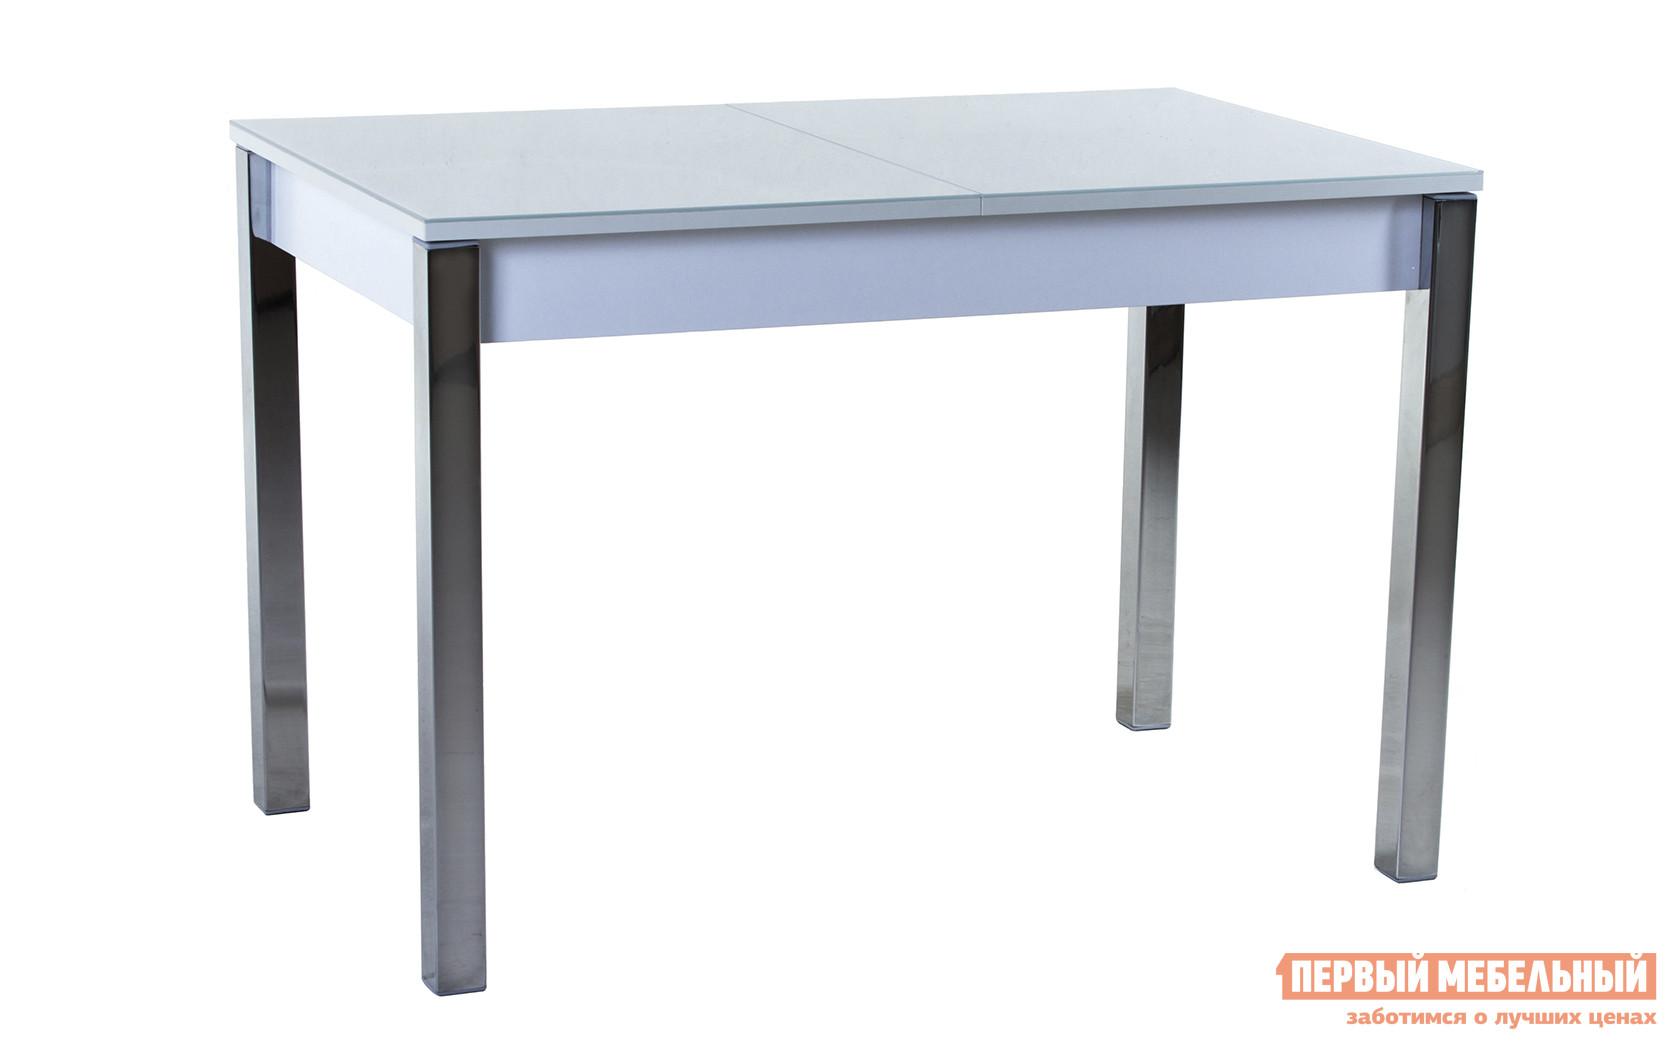 Обеденный стол Первый Мебельный Обеденный стол Сицилия квадро